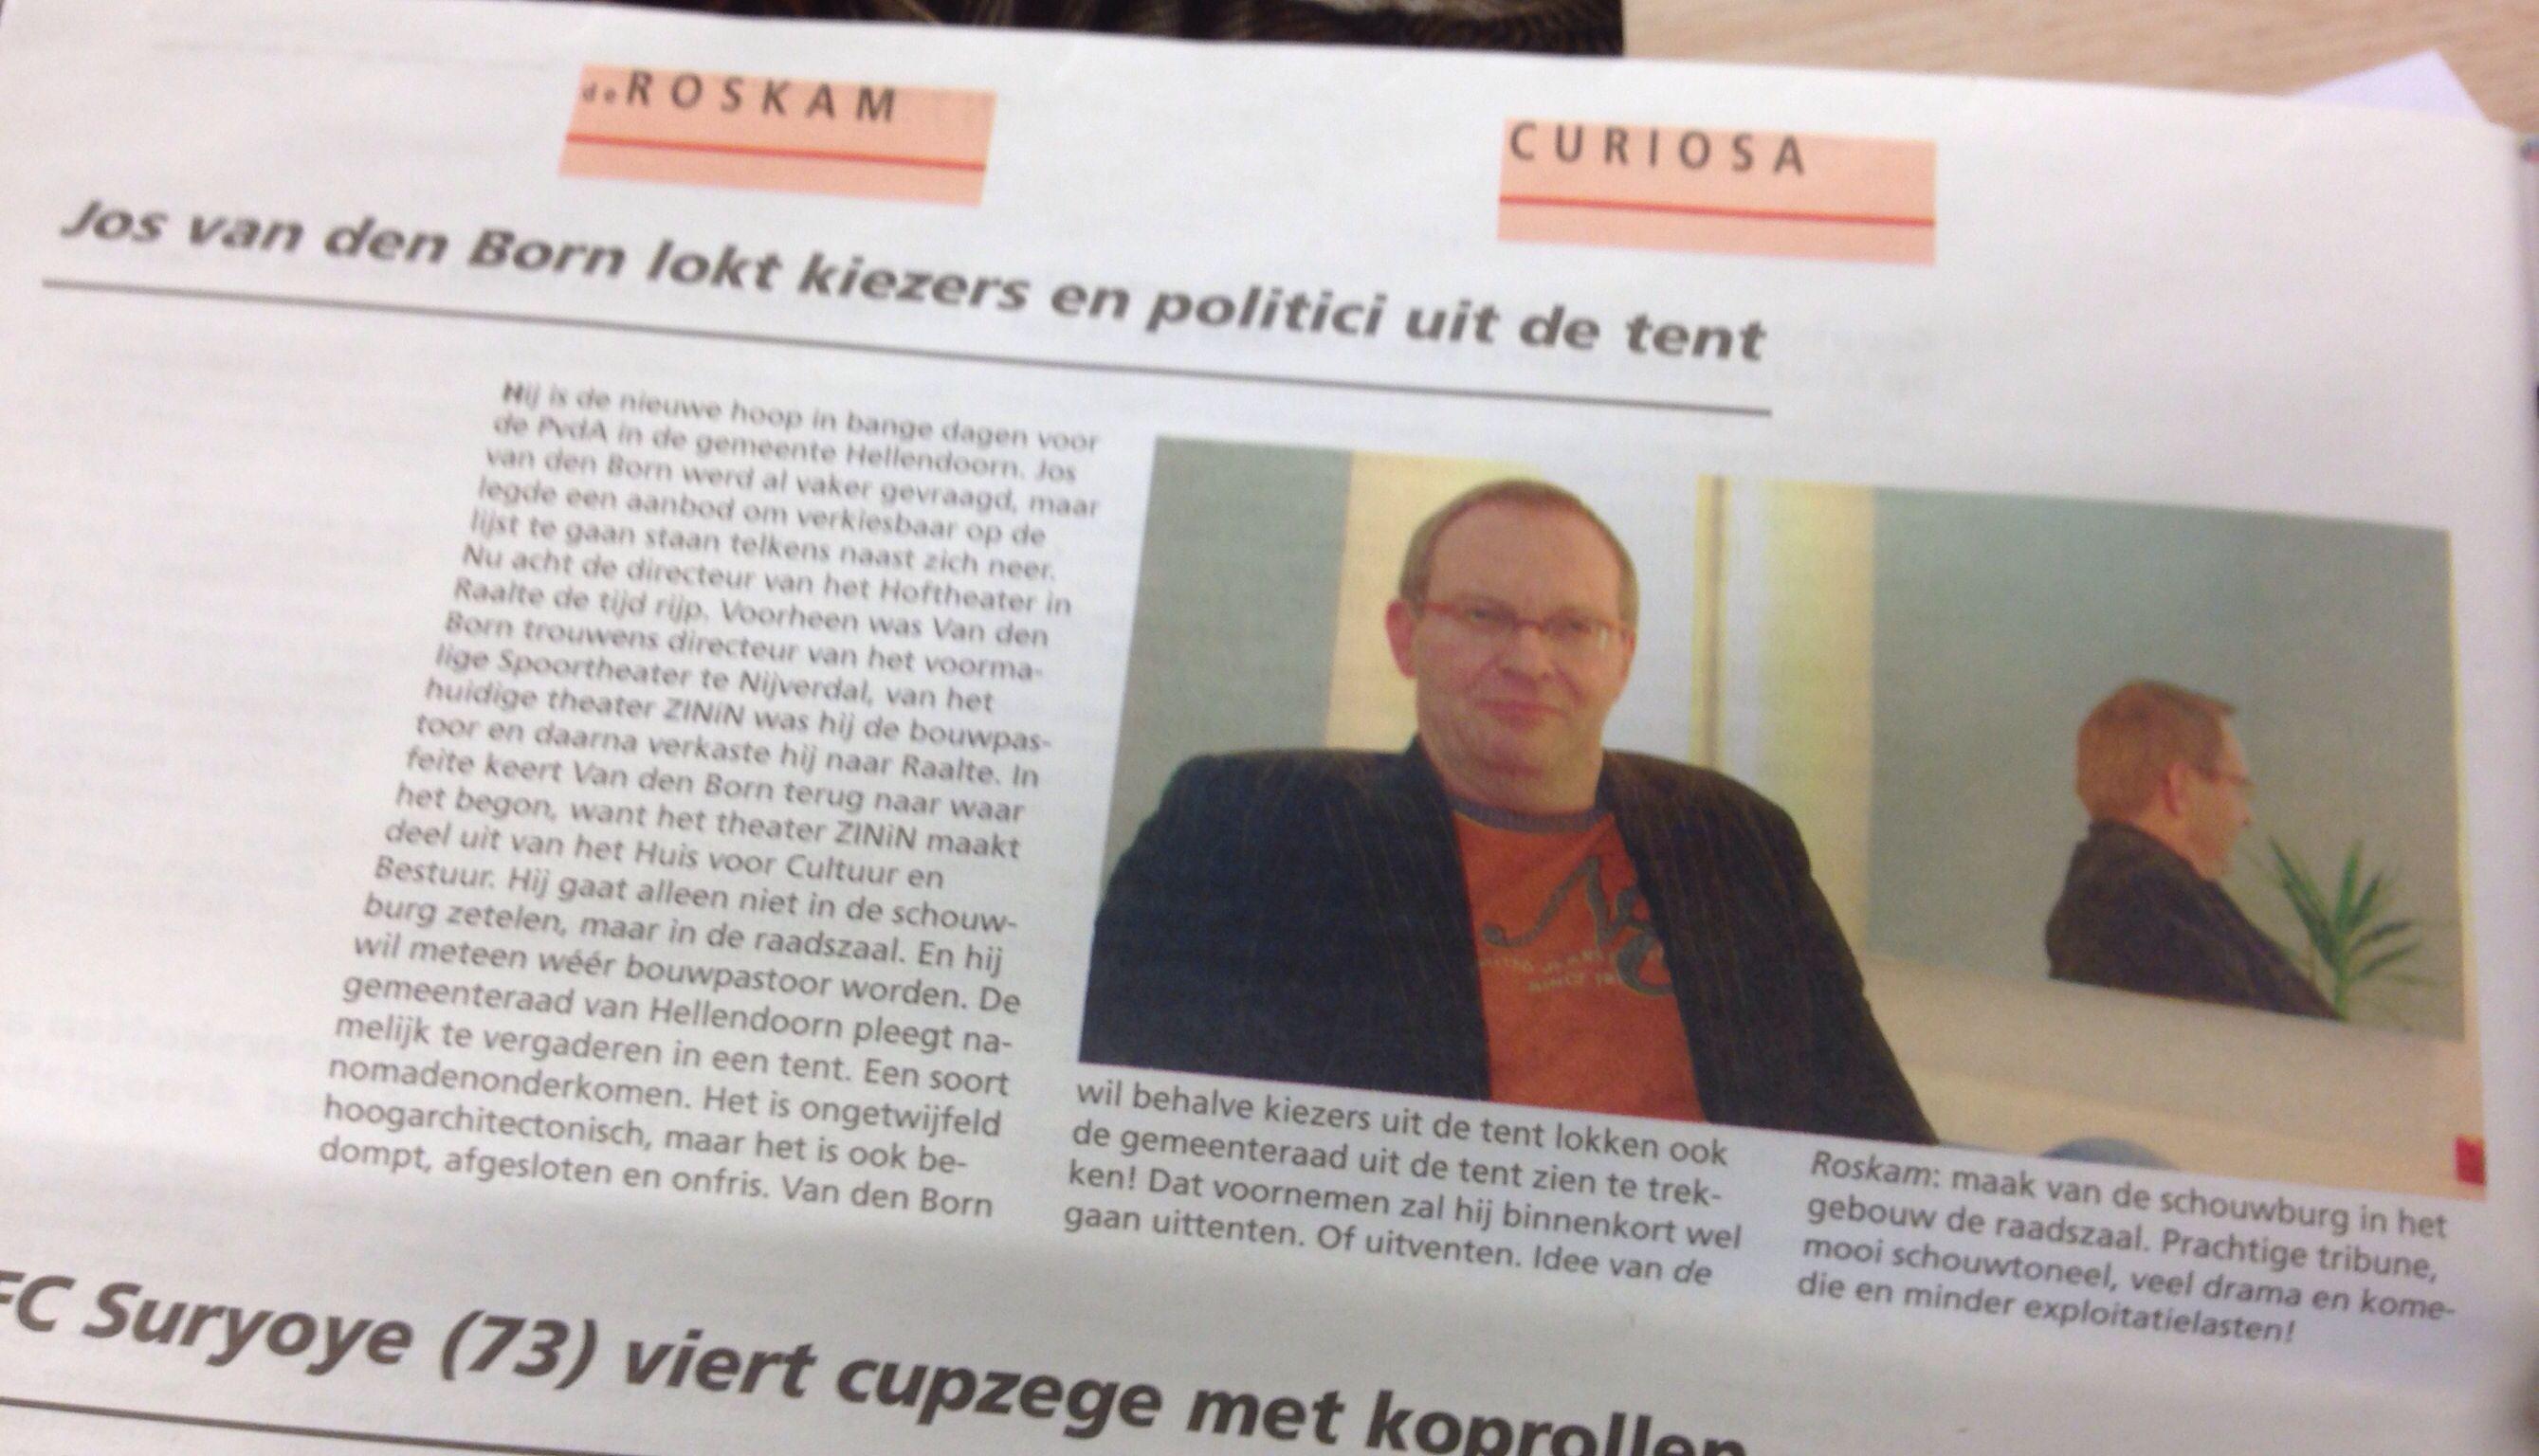 Jos van den Born in de Roskam.